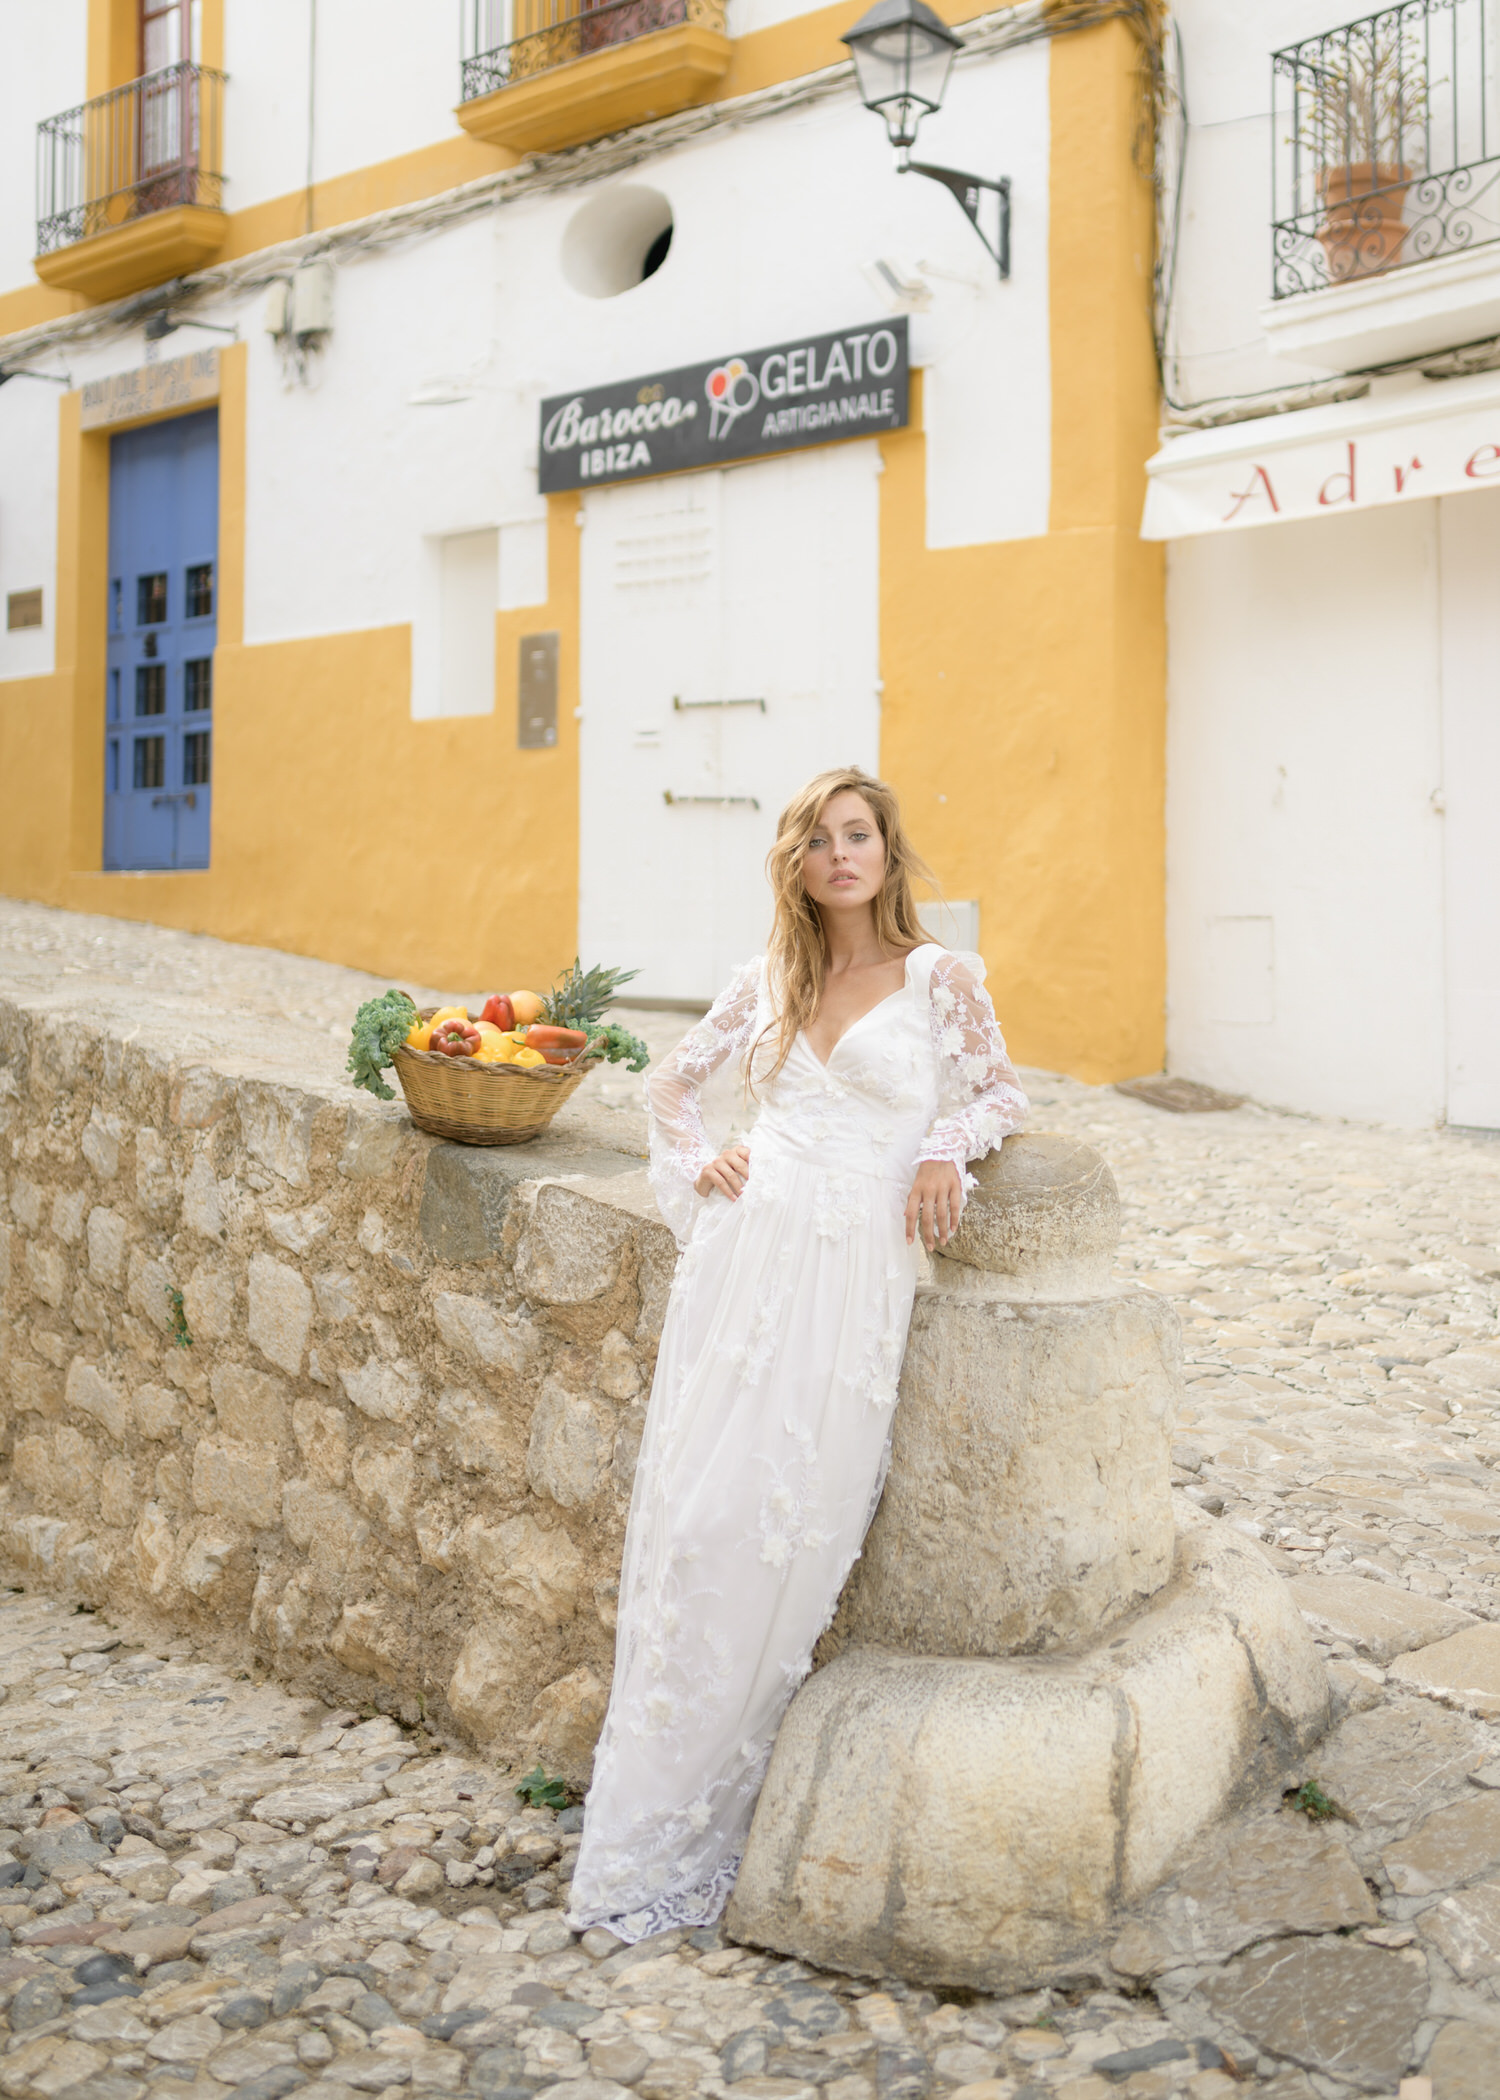 ©BOTTEGA53 - Ibiza Editorial-70.jpg